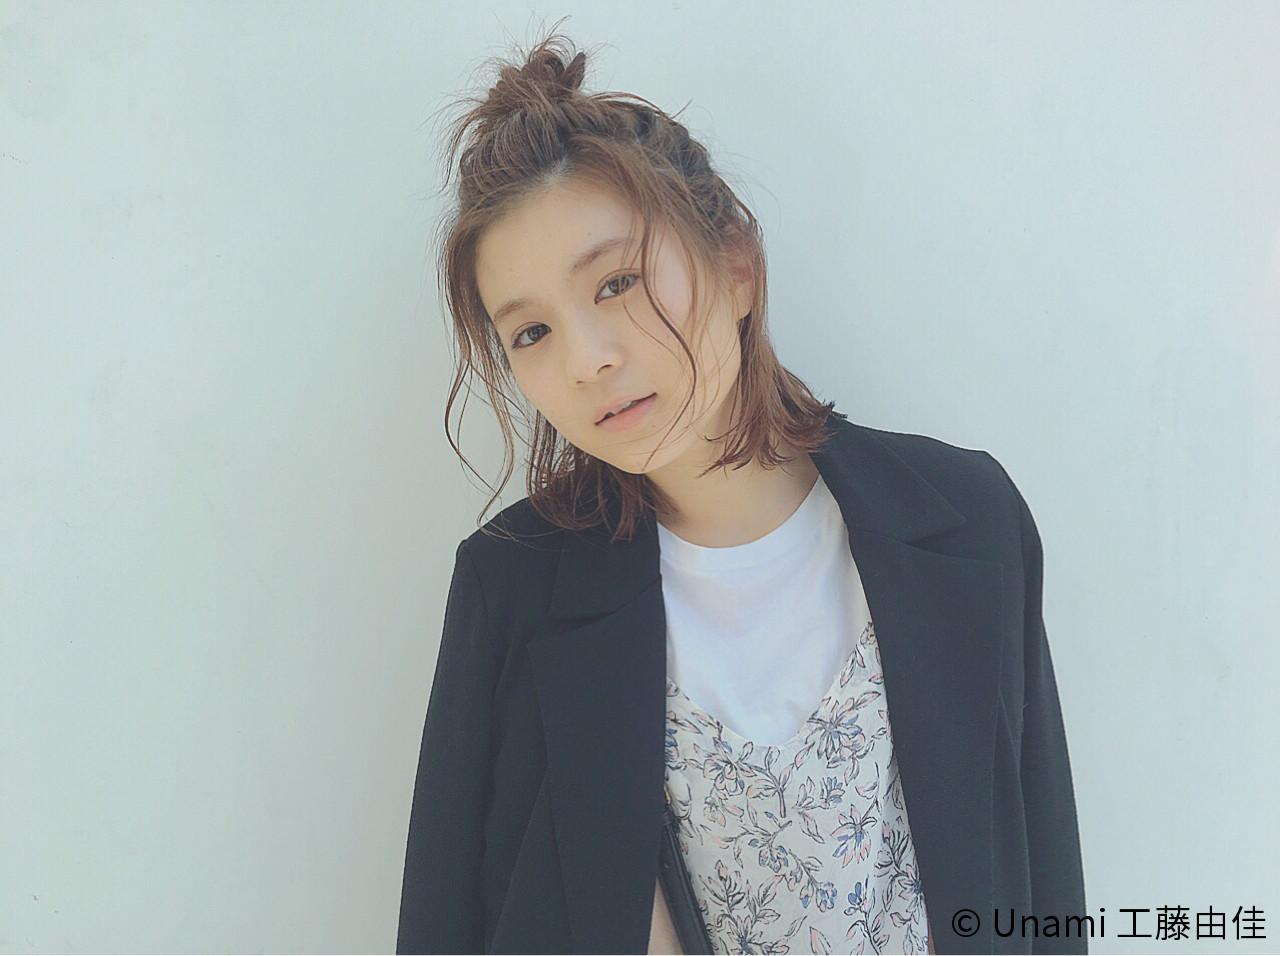 ボブ ヘアアレンジ フェミニン 切りっぱなし ヘアスタイルや髪型の写真・画像 | Unami 工藤由佳 / Unami omotesando